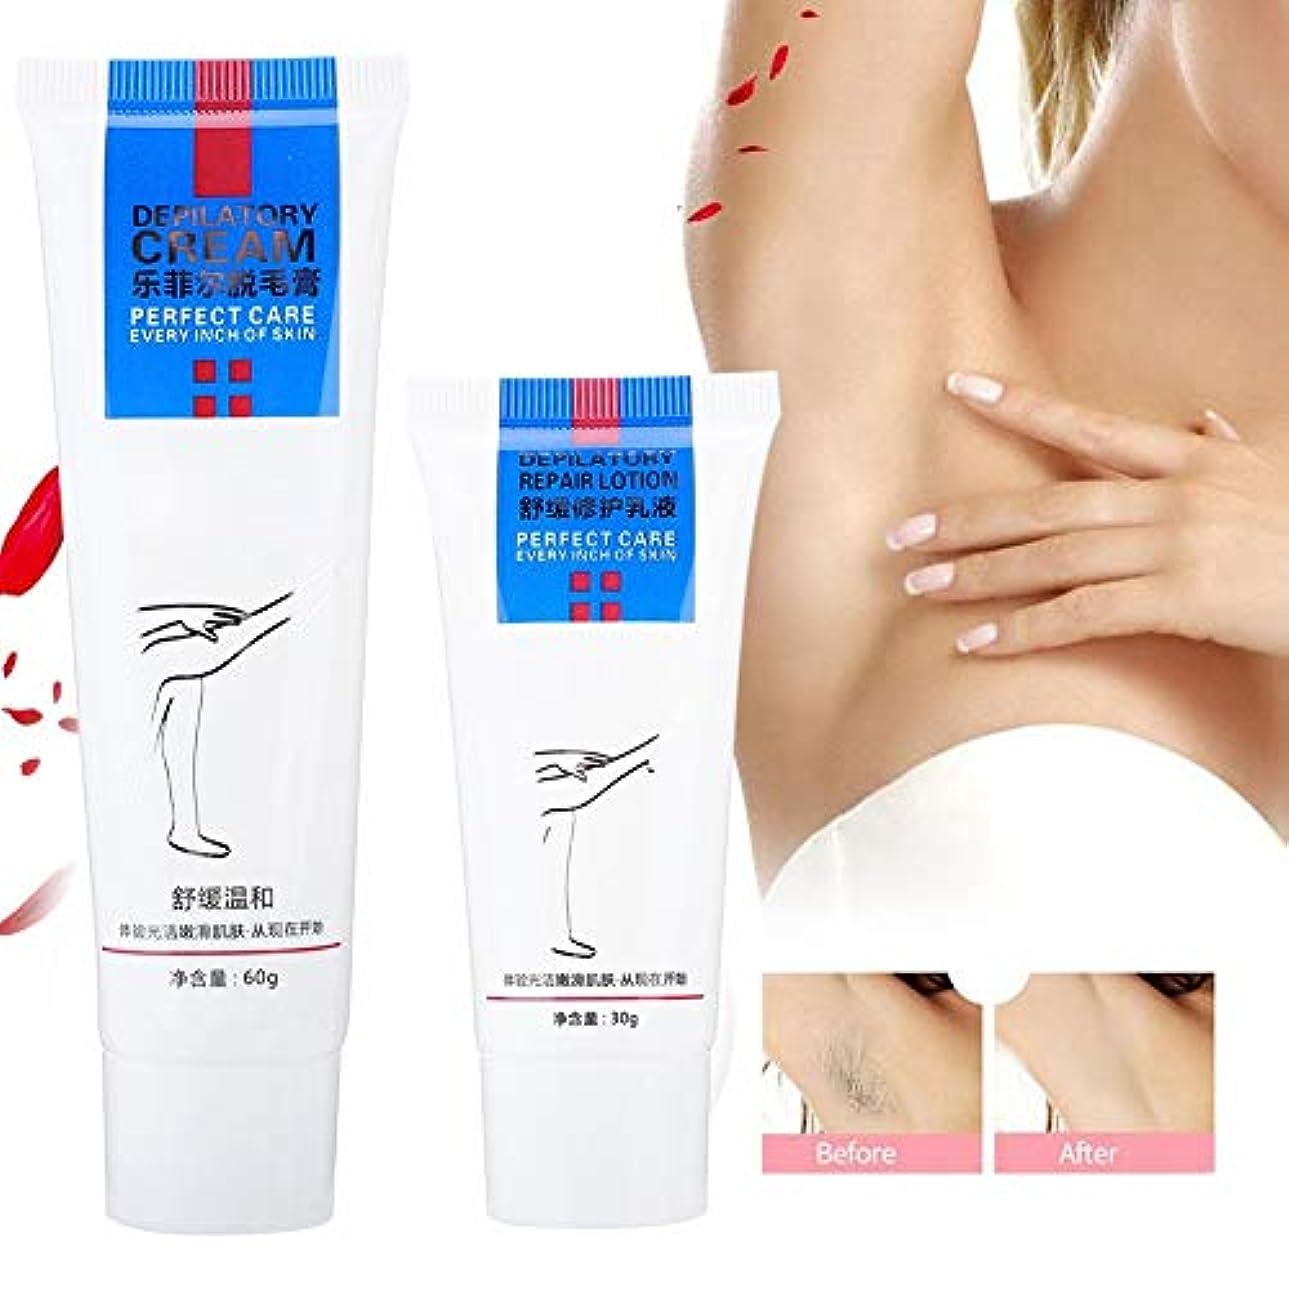 ヘアリムーバルキット、マイルドで効果的なボディラスティングスムースナチュラル痛みのないパーマネントソフトスキンで手の毛の除去を刺激しない60ml脱毛クリーム+ 30ml修復クリーム